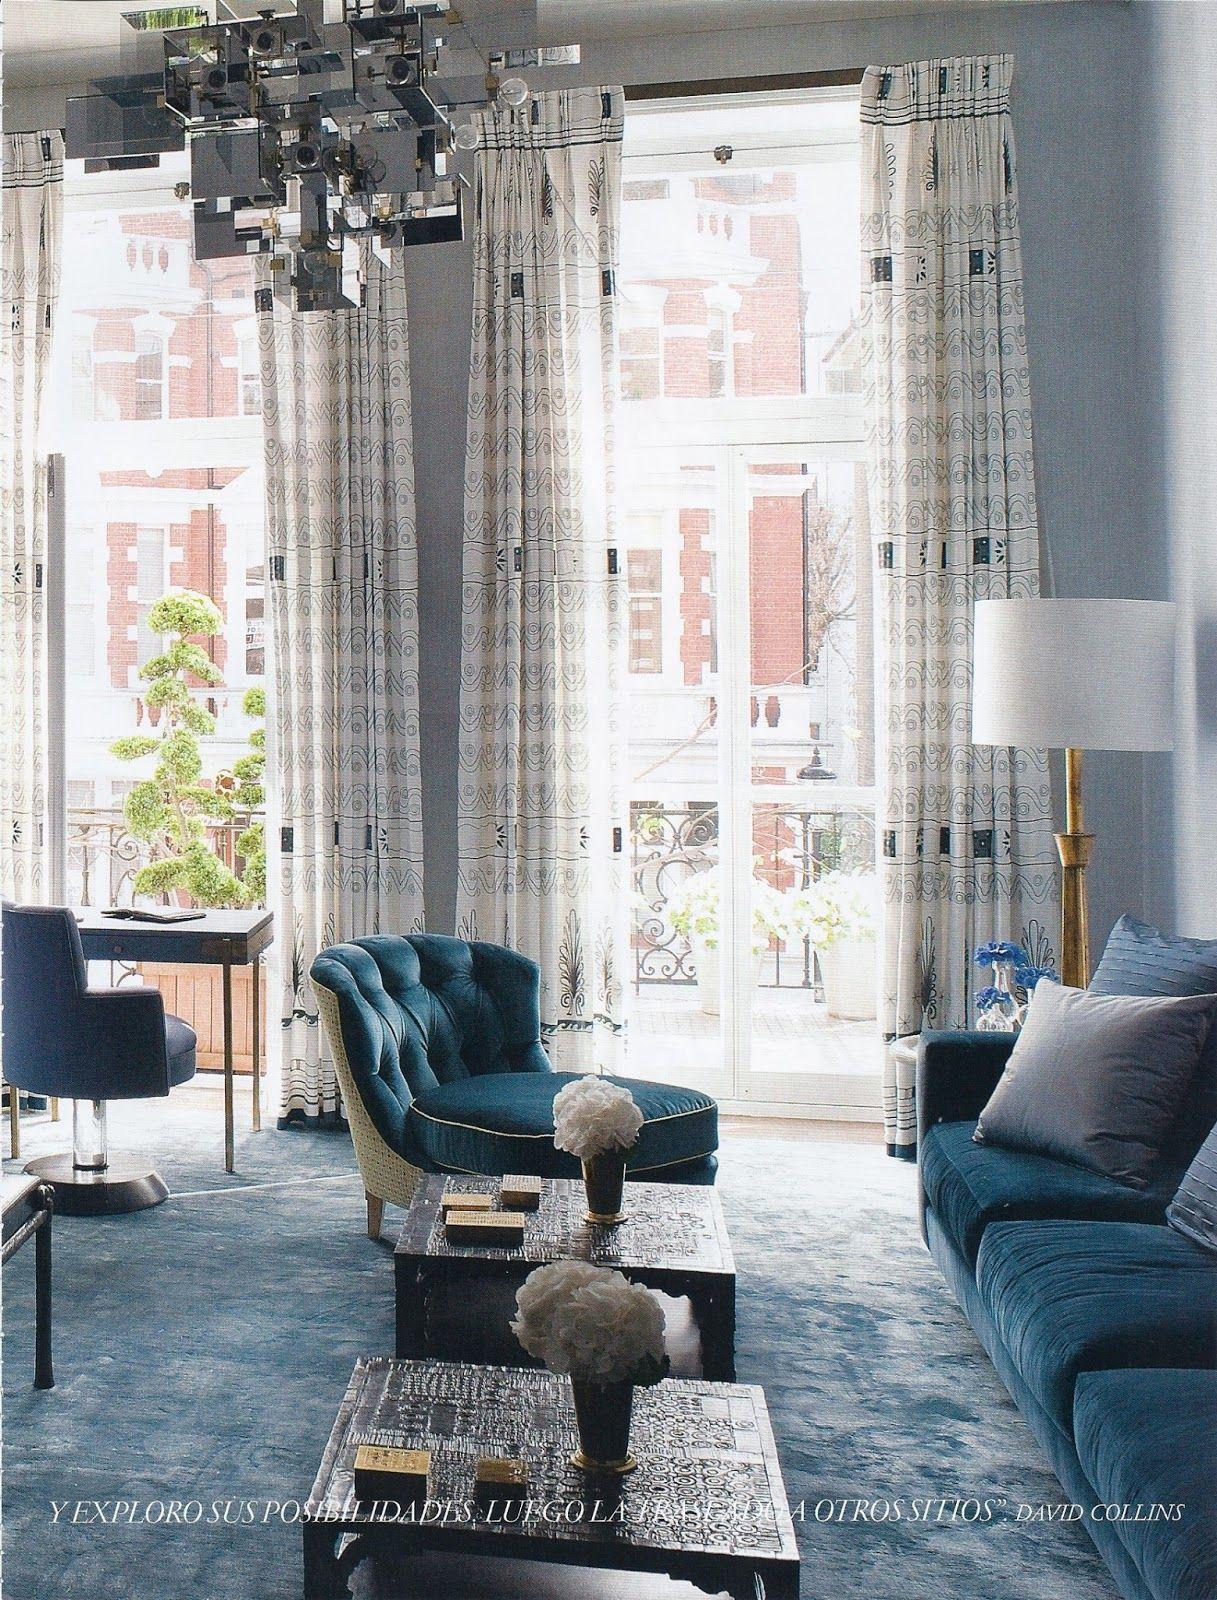 architecture d 39 int rieur un projet par david collins design d coration luxe plus de. Black Bedroom Furniture Sets. Home Design Ideas